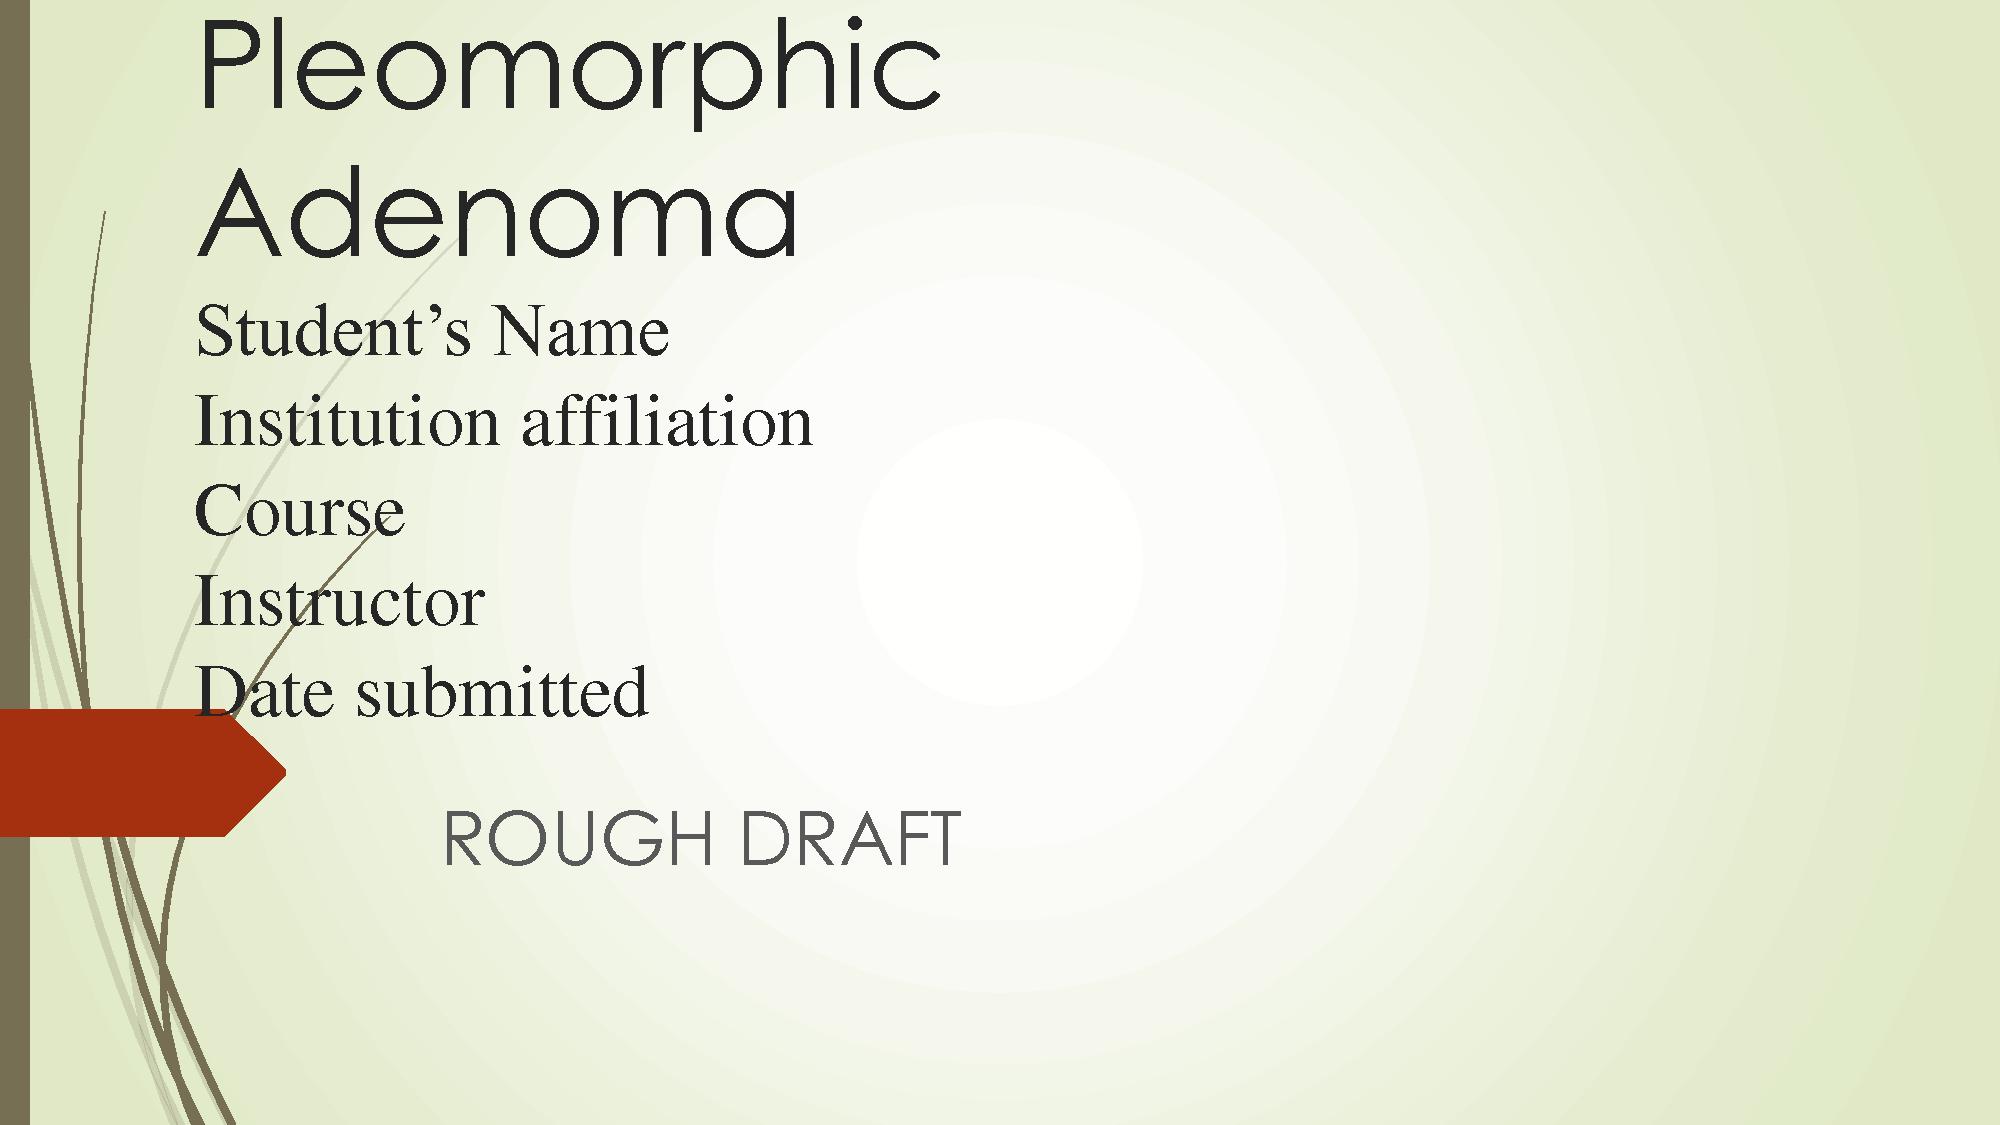 pleomorphic adenoma cytology ppt